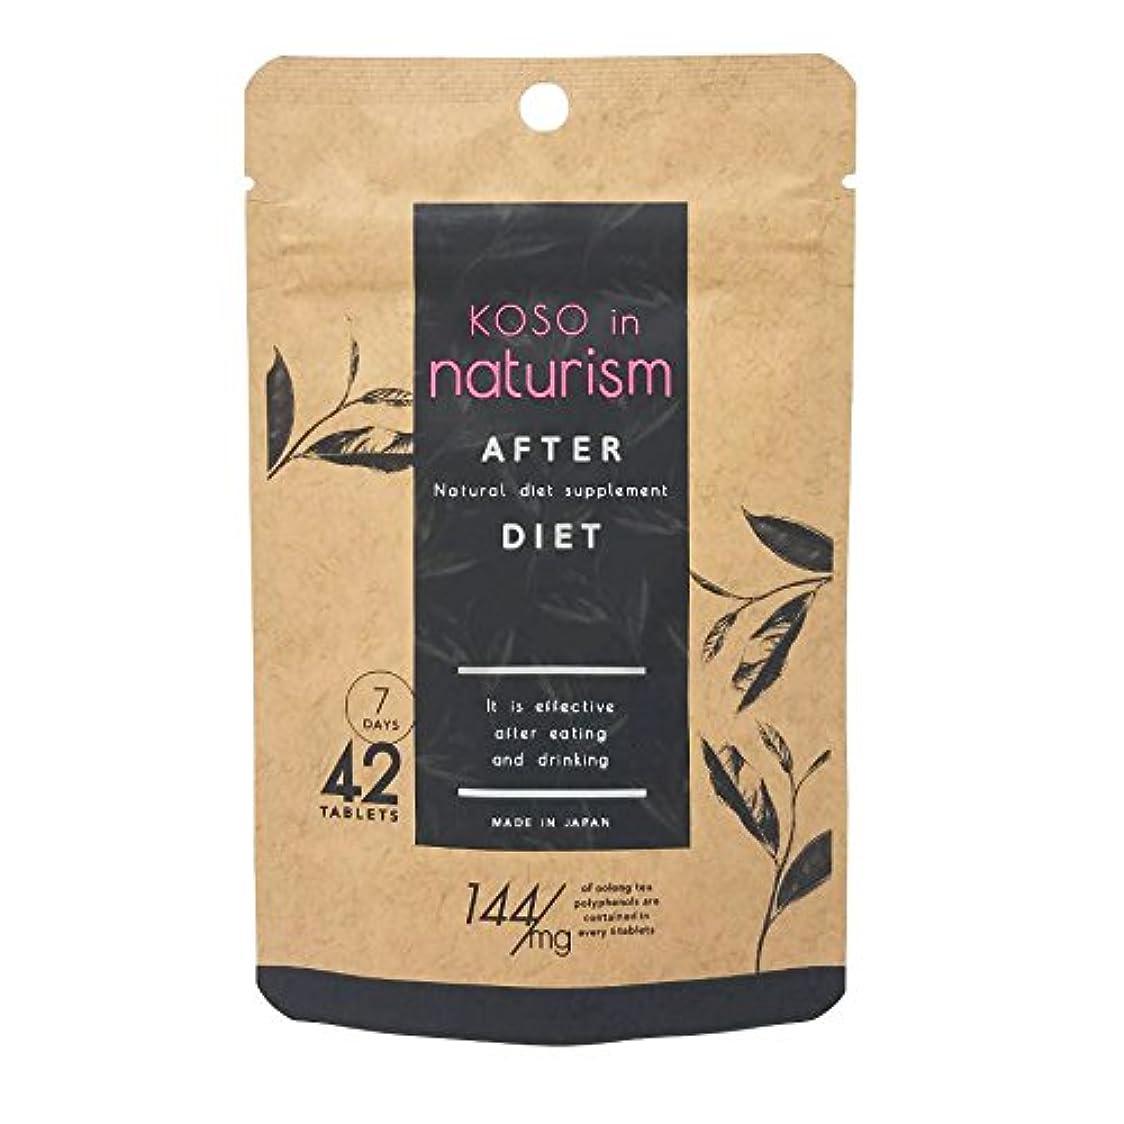 贅沢な申込み急いで酵素 in ナチュリズム ピンク naturism pink 42粒入(約7日分)[健康補助食品][ダイエット][サプリメント]たっぷりの酵素をプラス!